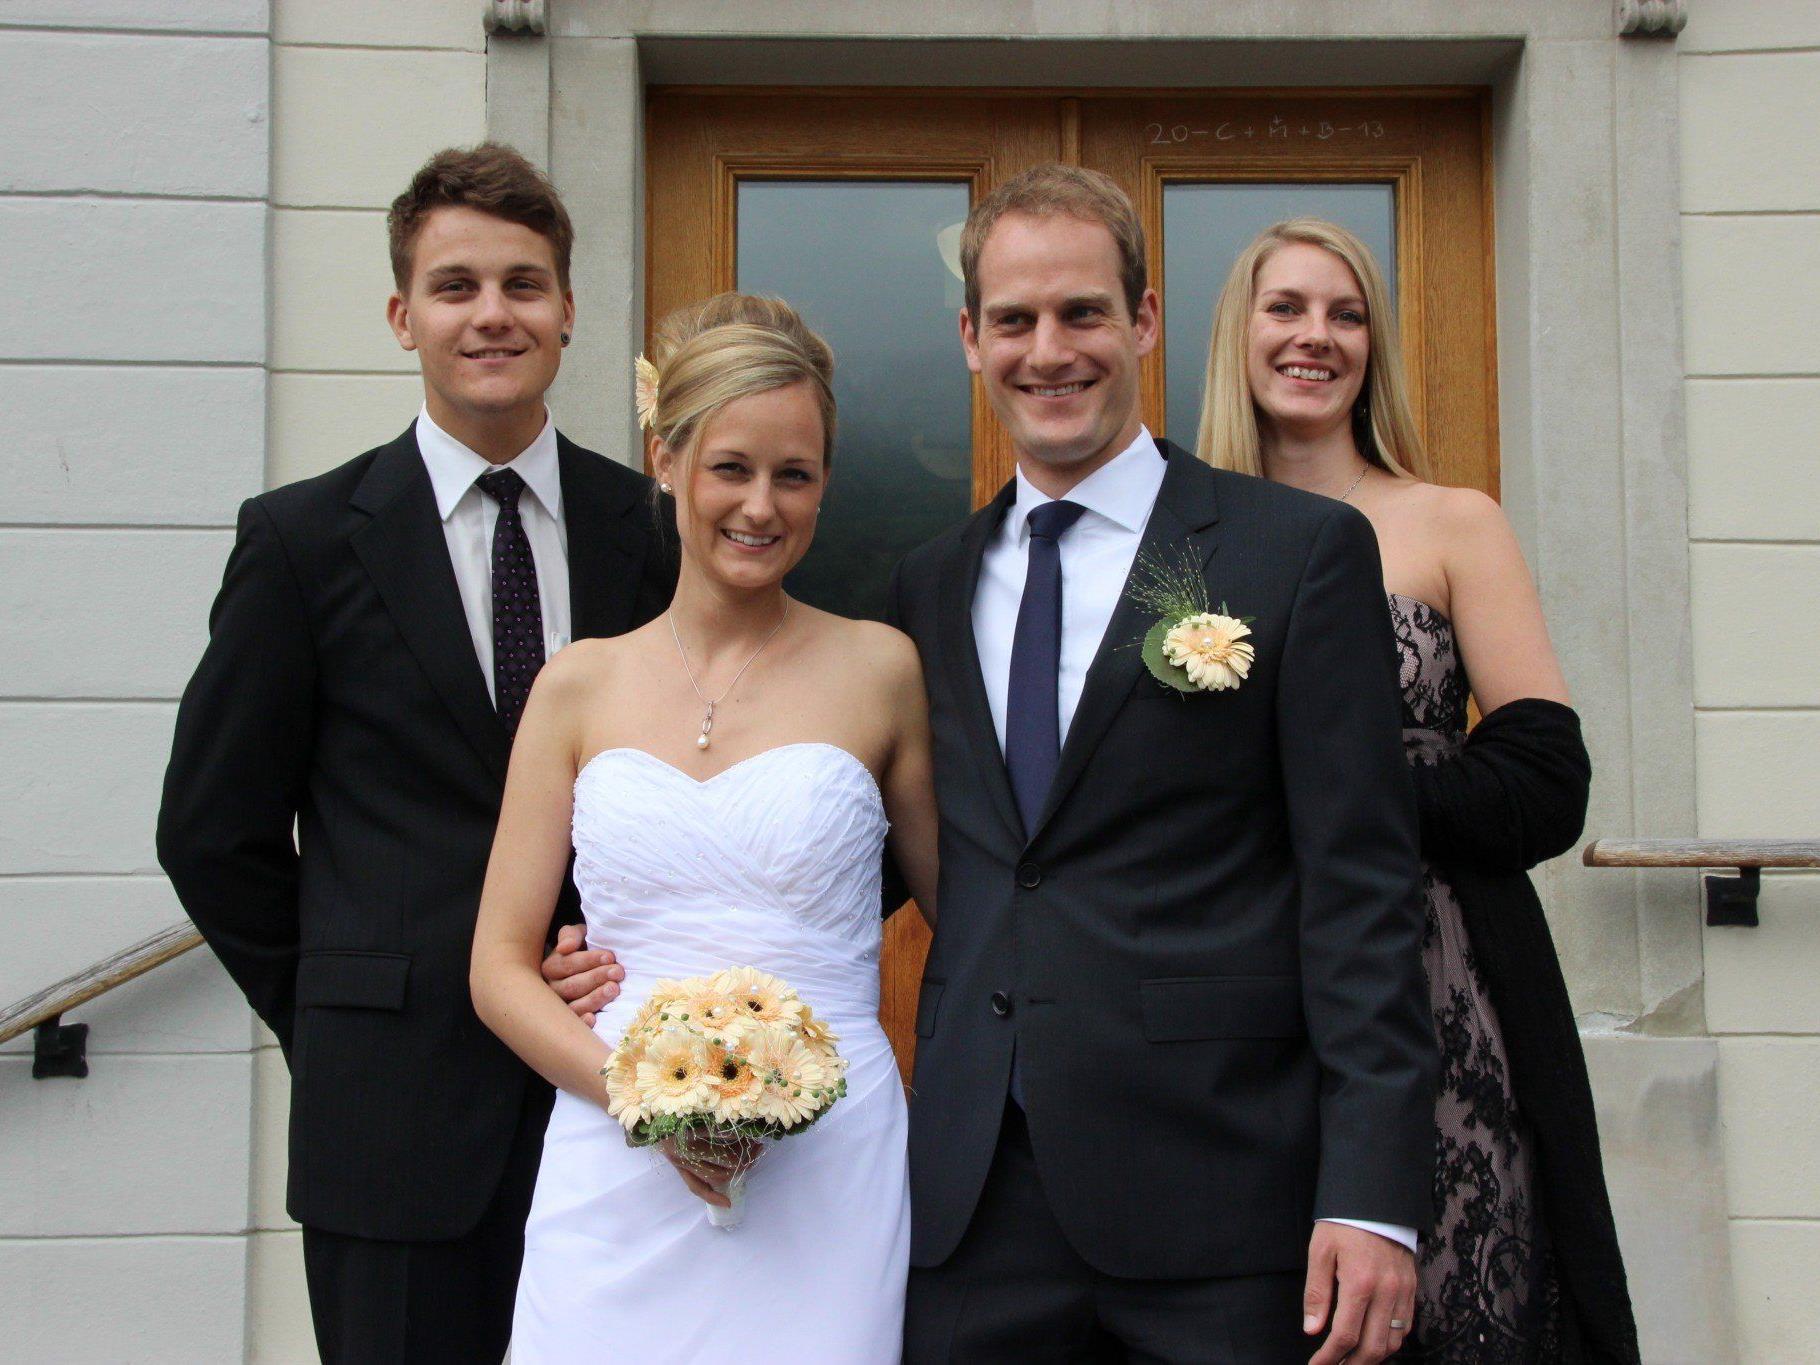 Hochzeit von Jennifer Wachter und Florian Fahr - Schruns   VOL.AT